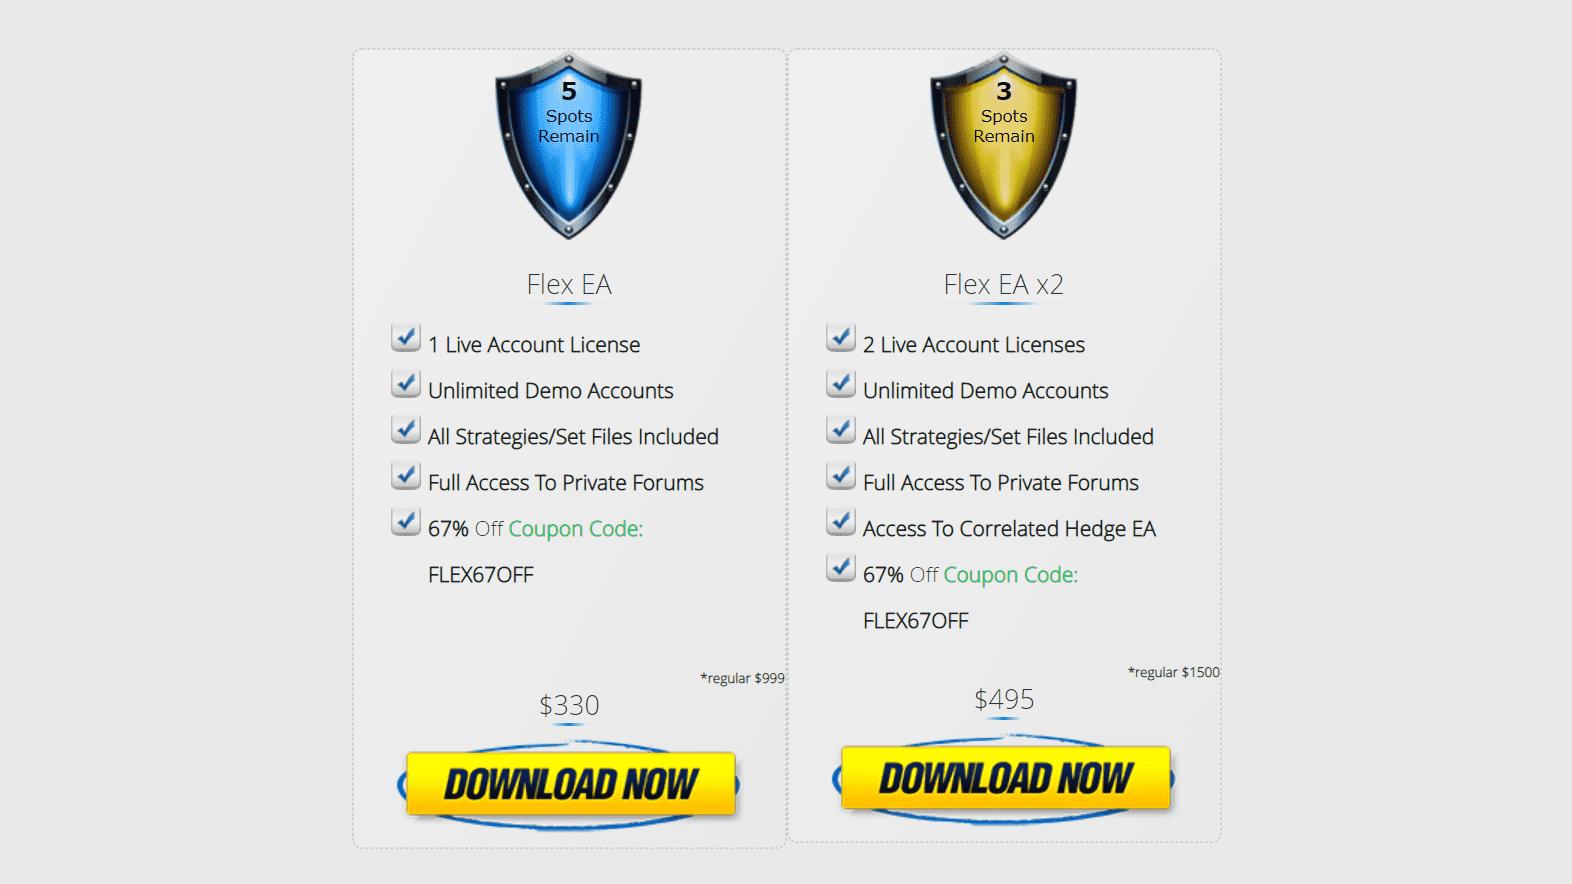 Forex Flex EAの購入方法【返金方法もいっしょに解説】